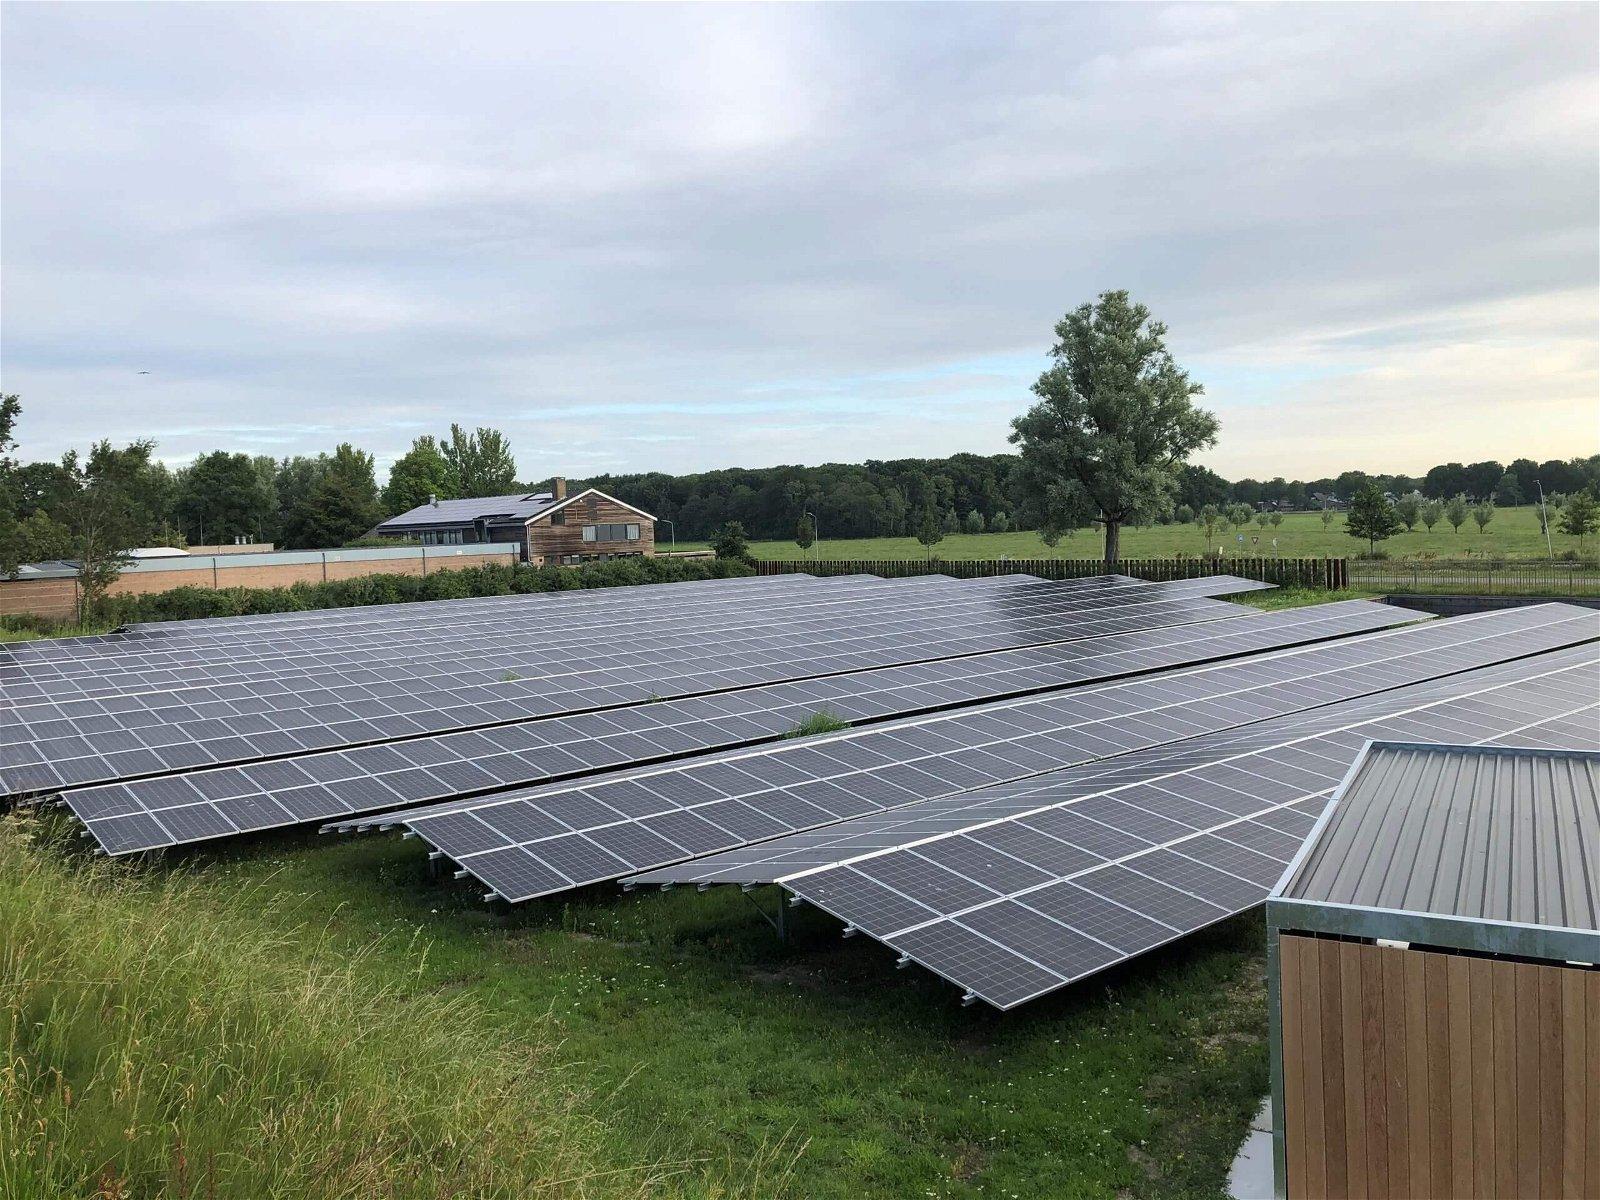 Hoppenbrouwers helpt mee met de bouw van zonneweides voor HHNK